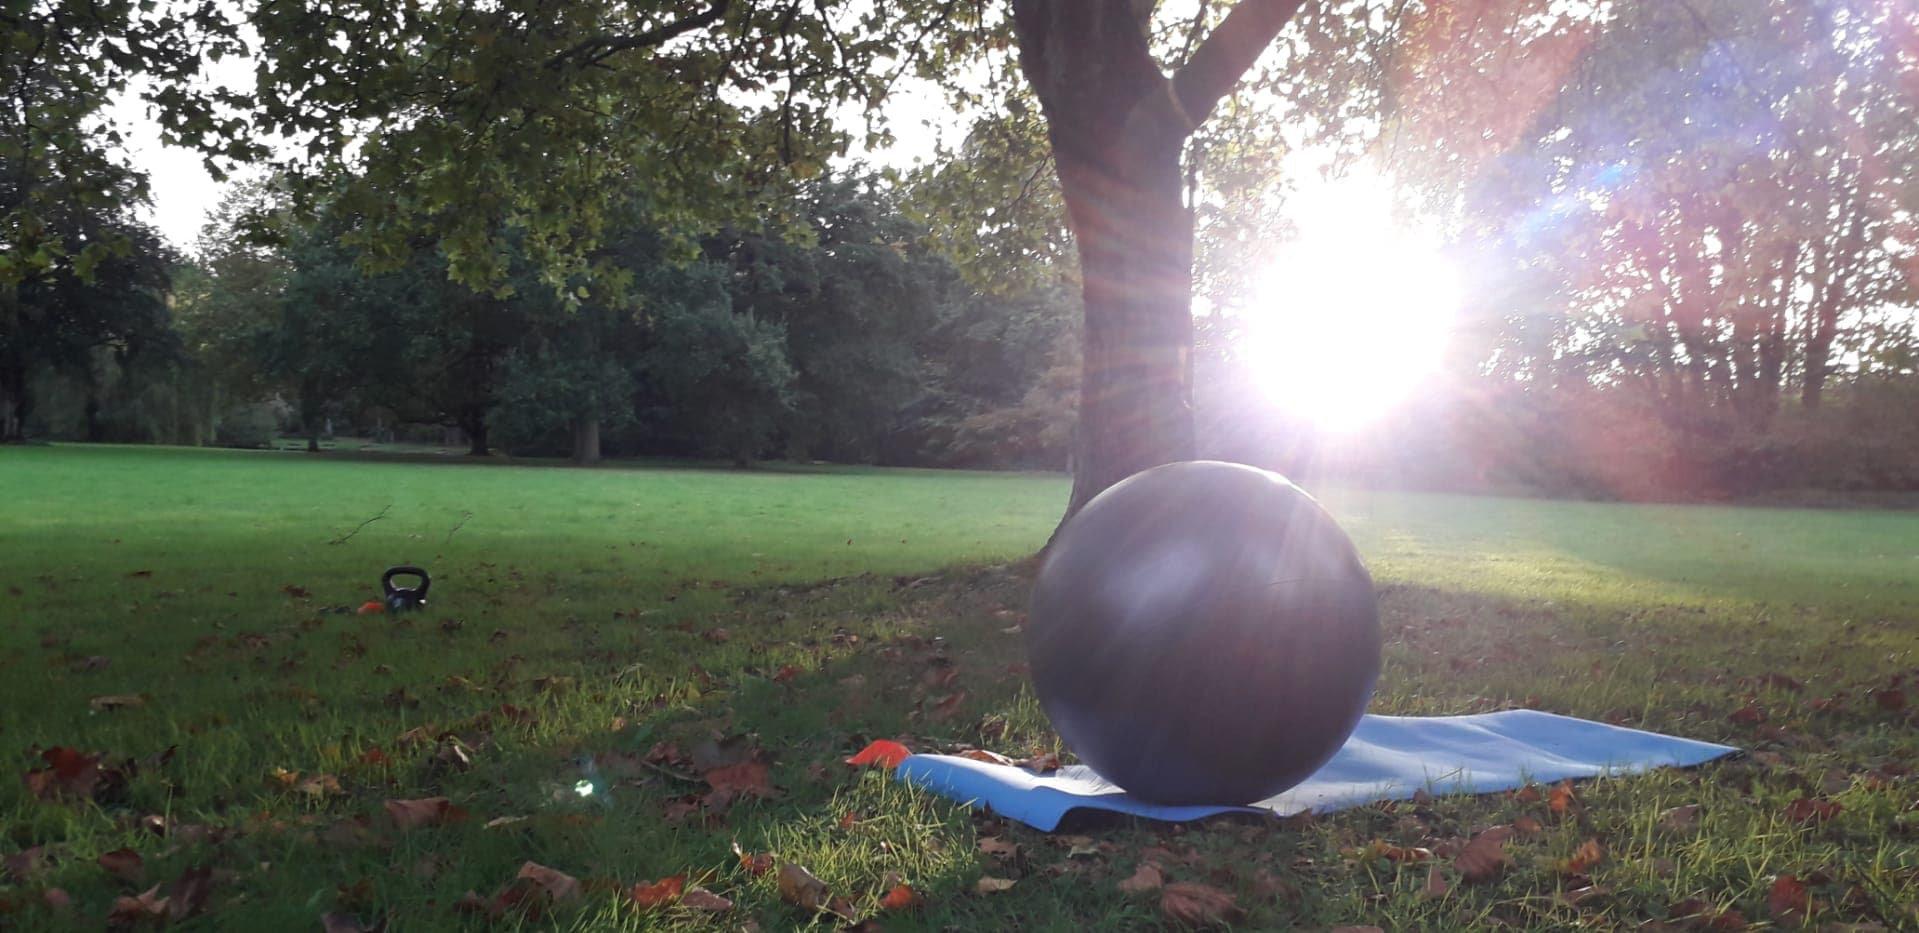 Foto: Swiss bal en matje in het Nerompark met een opkomende zon.